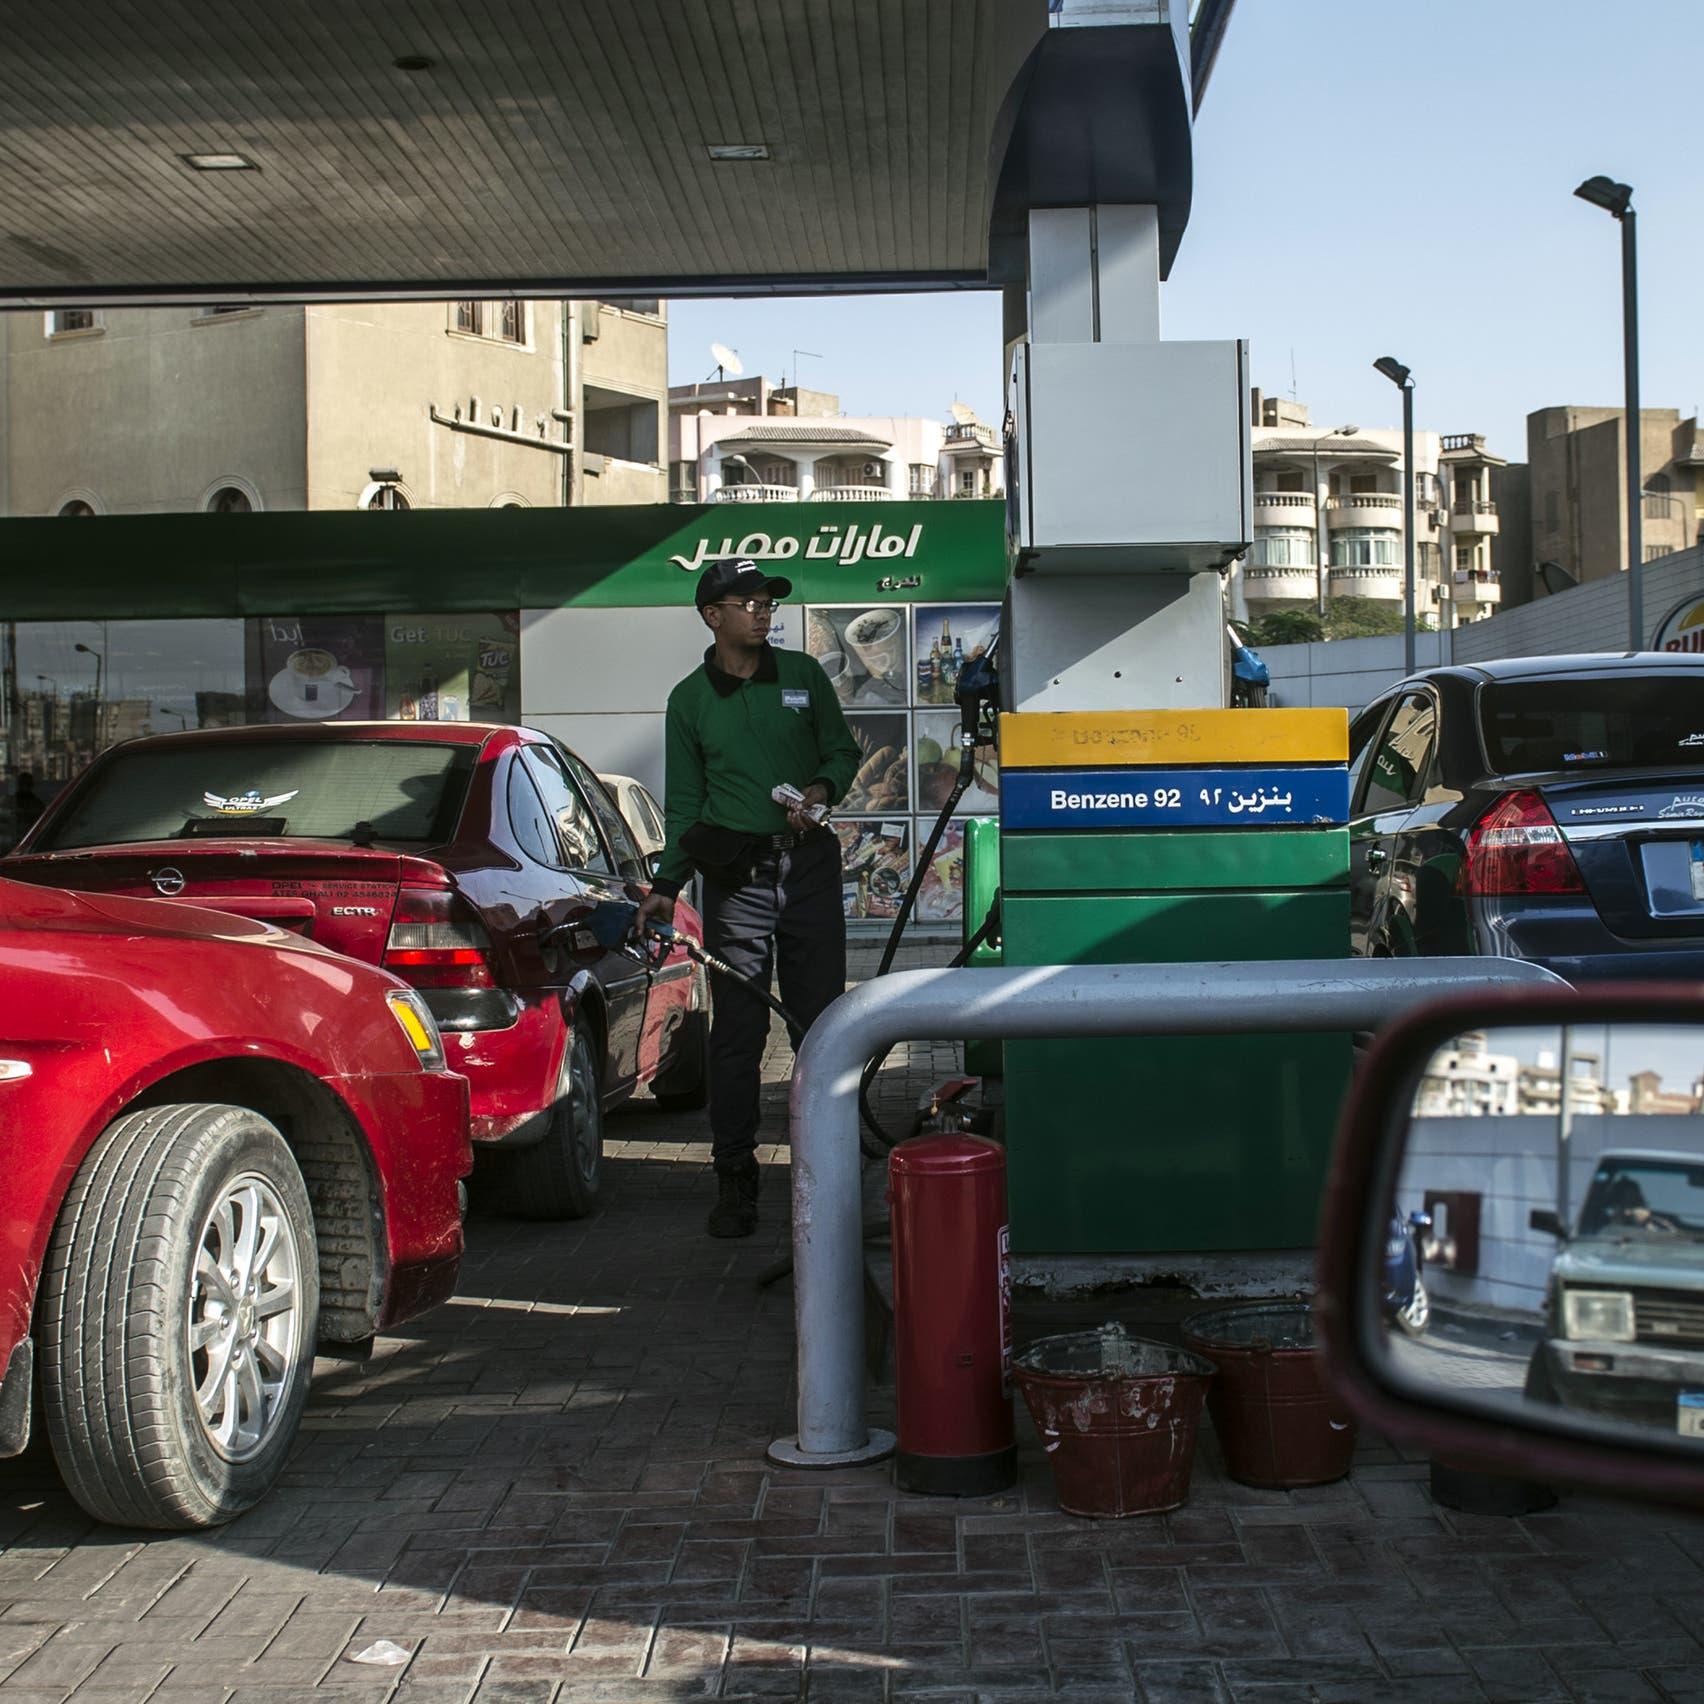 مصر ترفع أسعار الوقود للمرة الثانية خلال ٣ أشهر